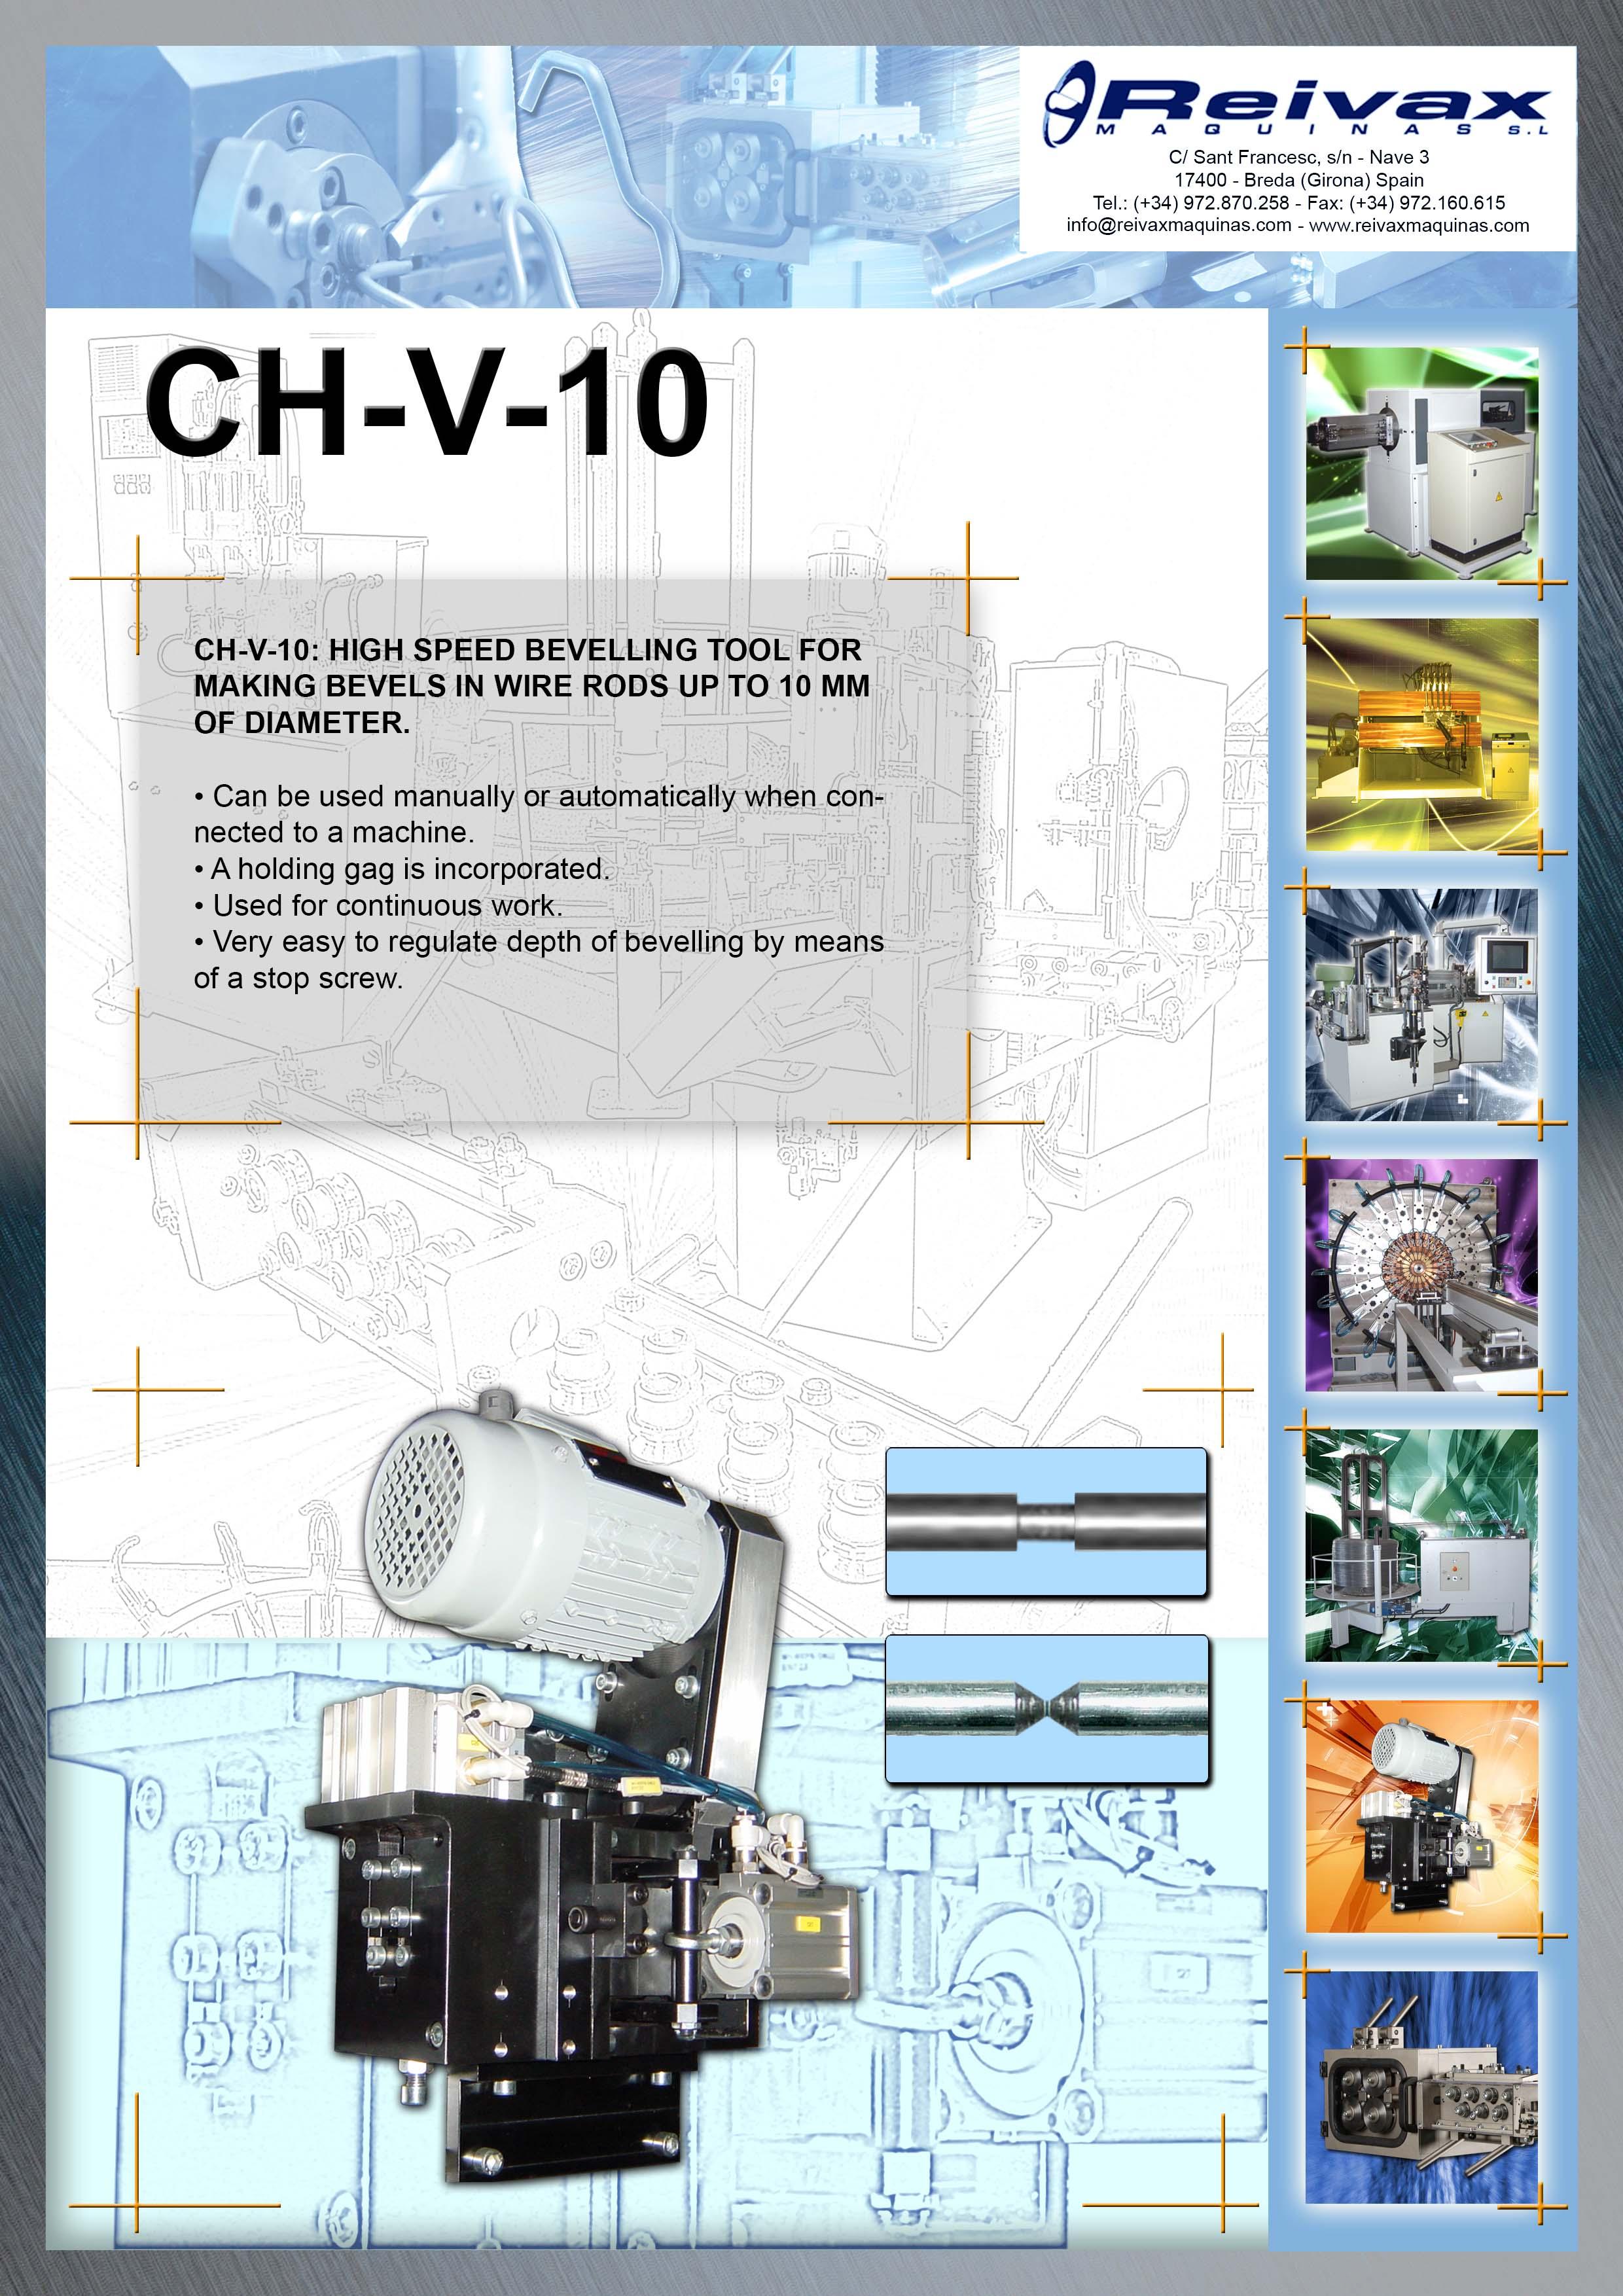 ReivaxMaquinas: Technical Details CH-V-10